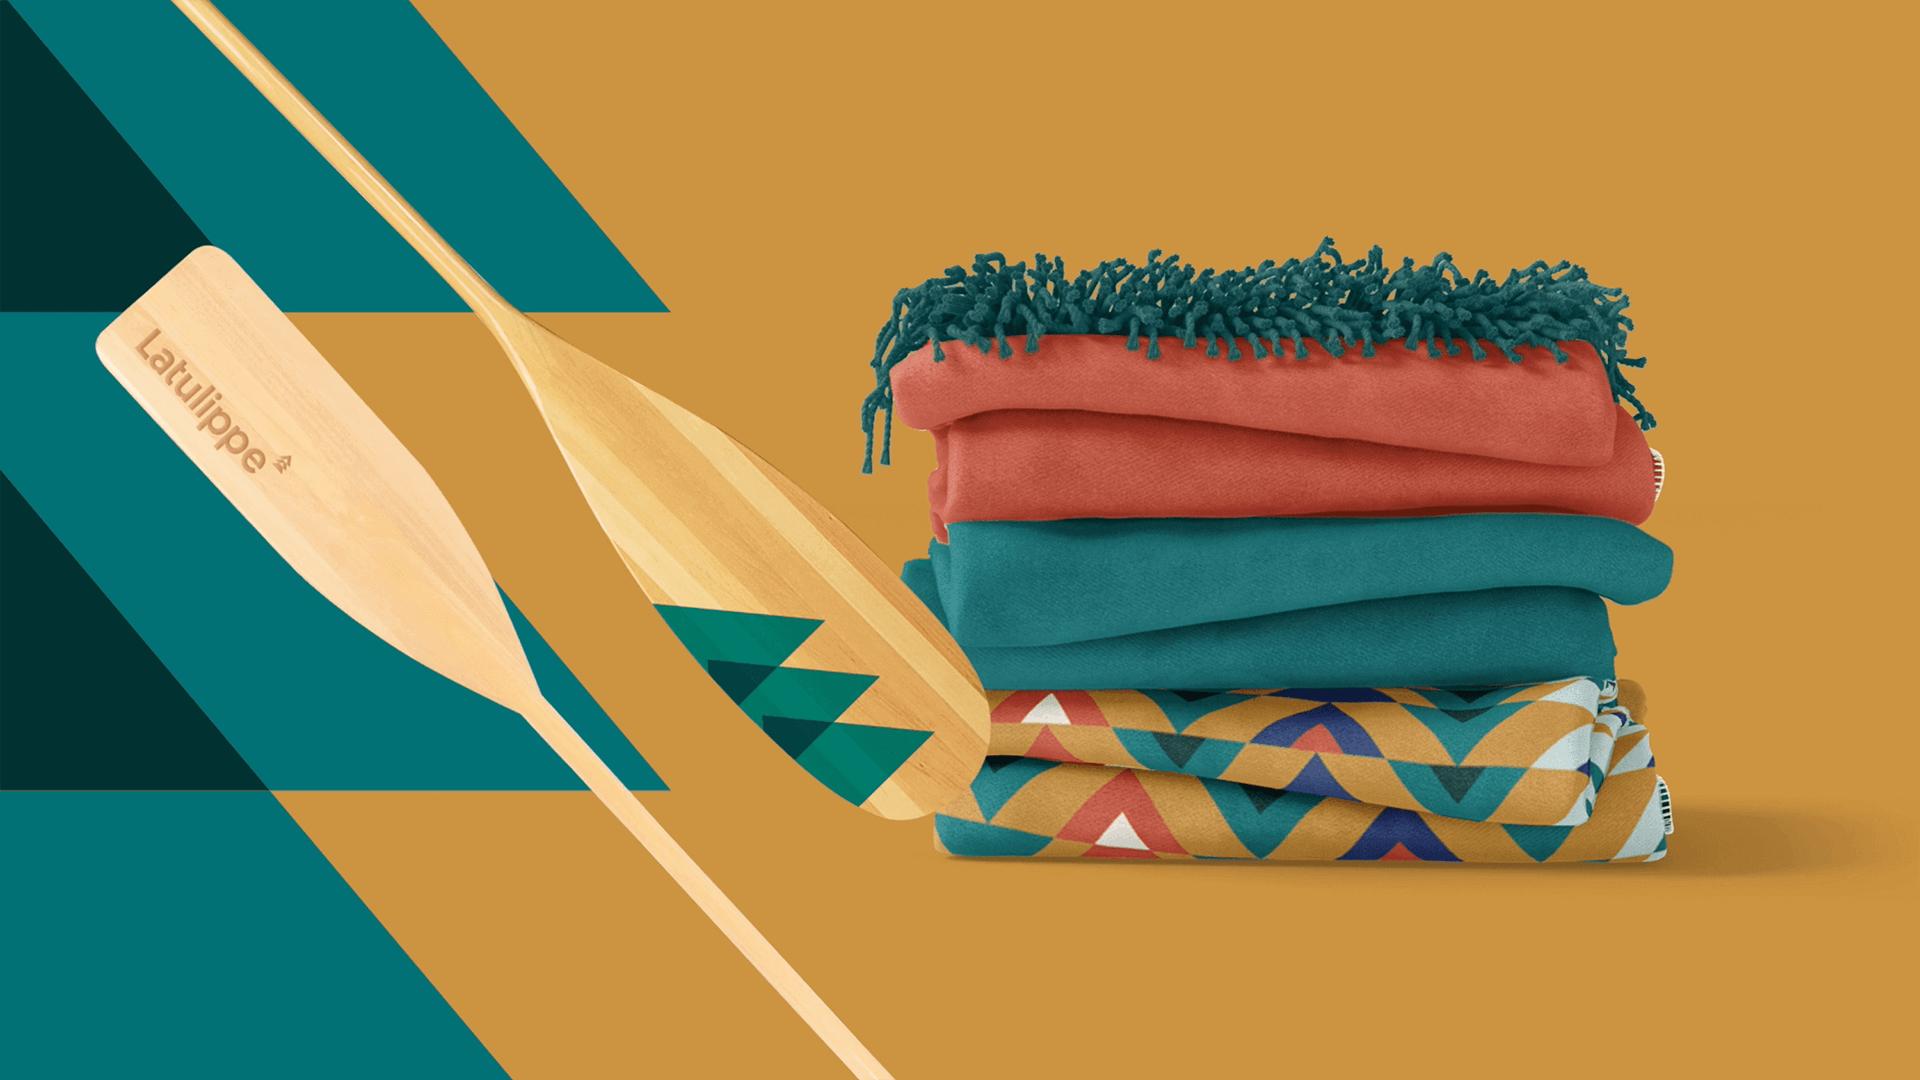 Branding   Couvertures et pagaies en bois aux couleurs de Latulippe